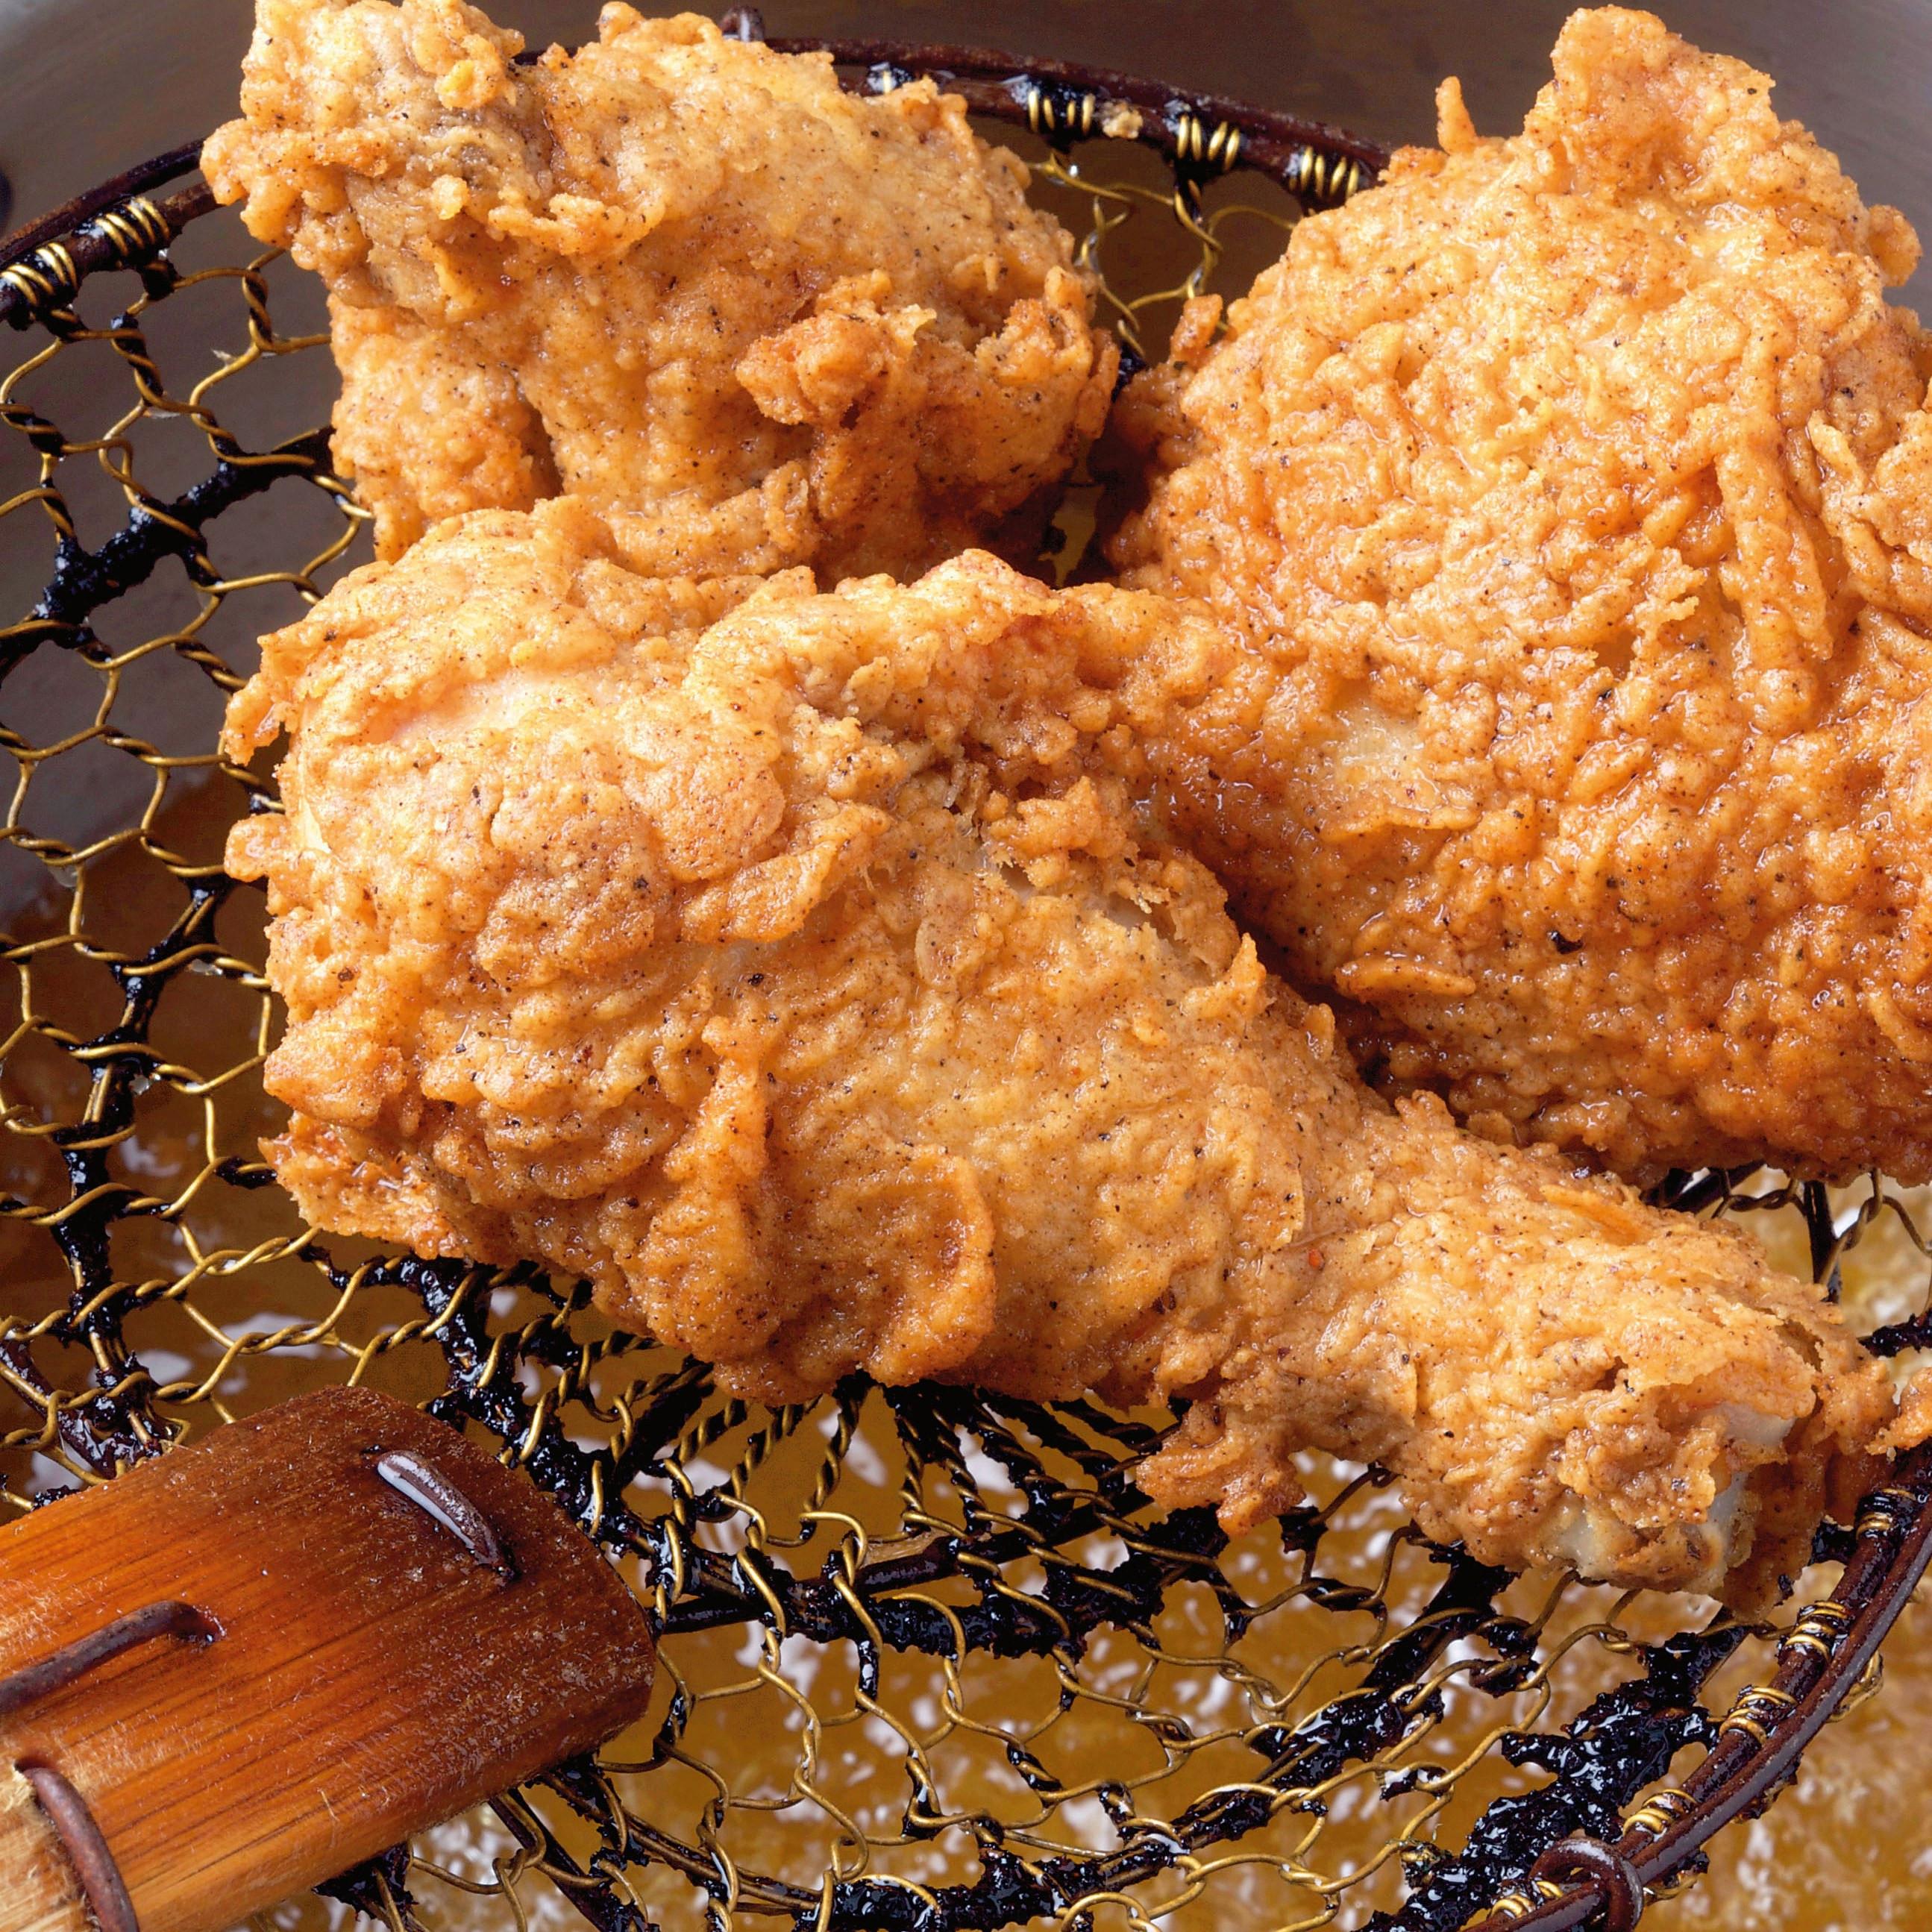 Best Fried Chicken  Rosemary Brined Buttermilk Fried Chicken recipe